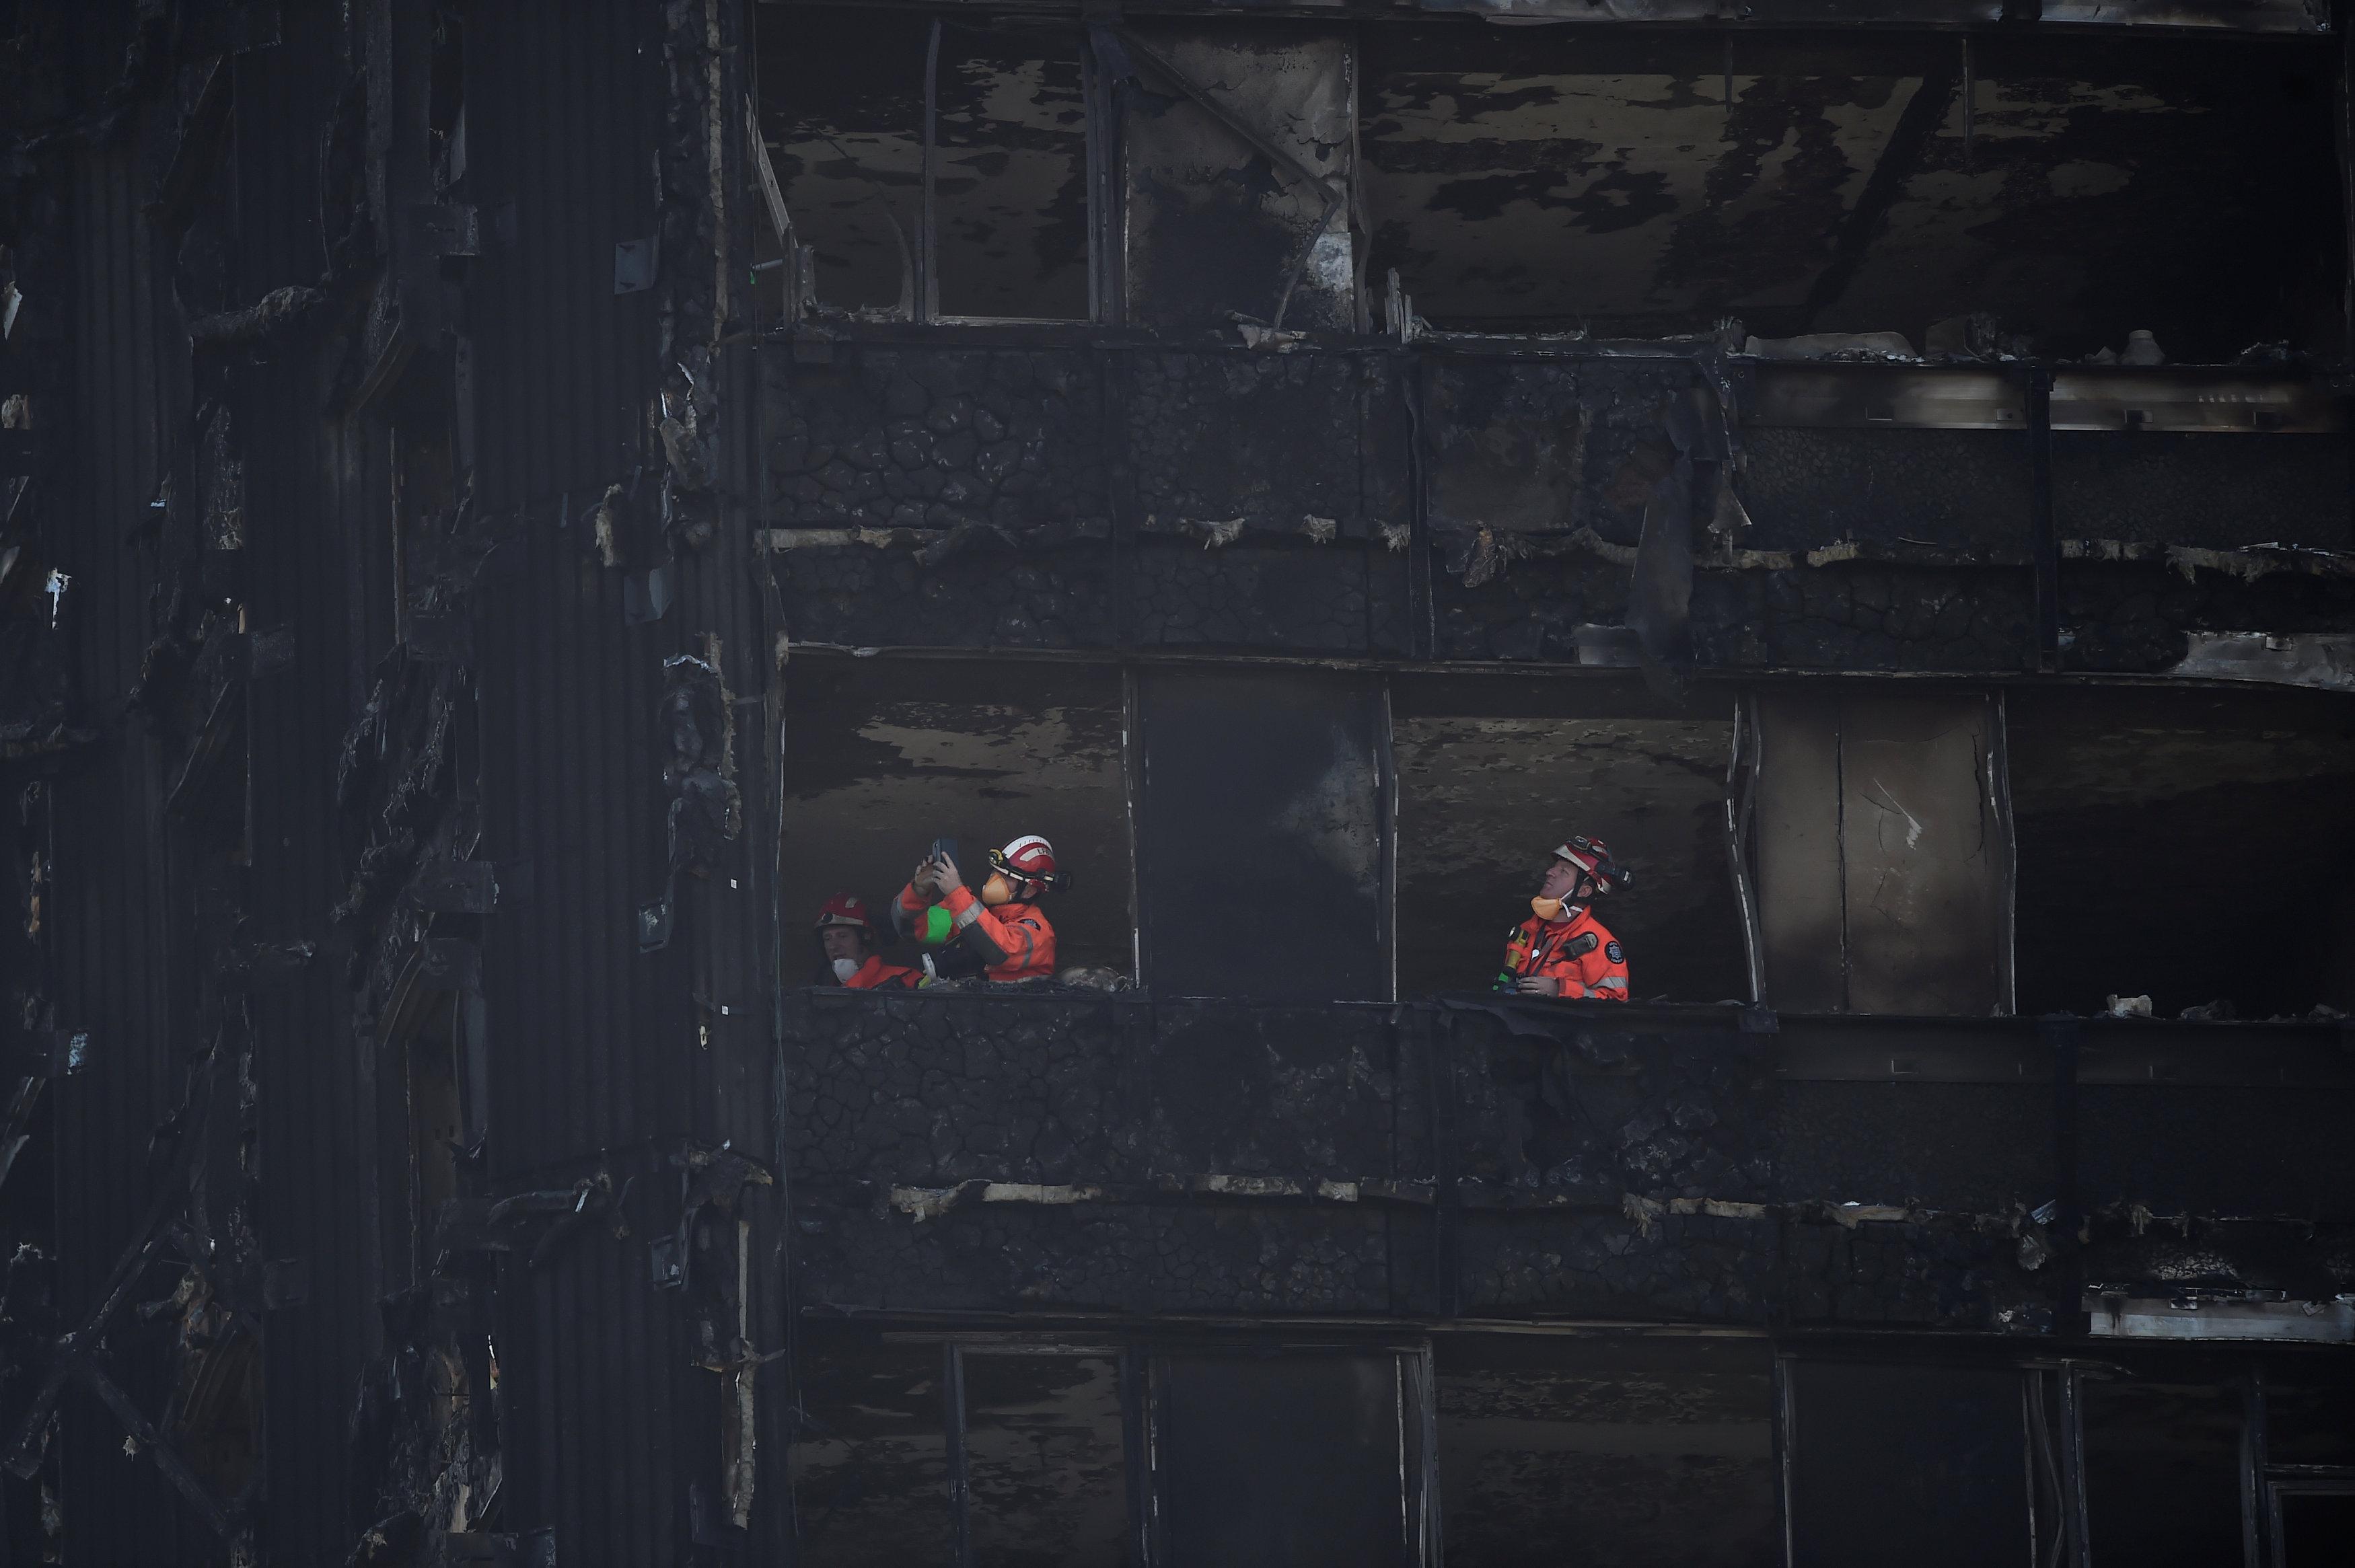 رجال الطوارئ يواصلون عملهم فى البرج المحترق